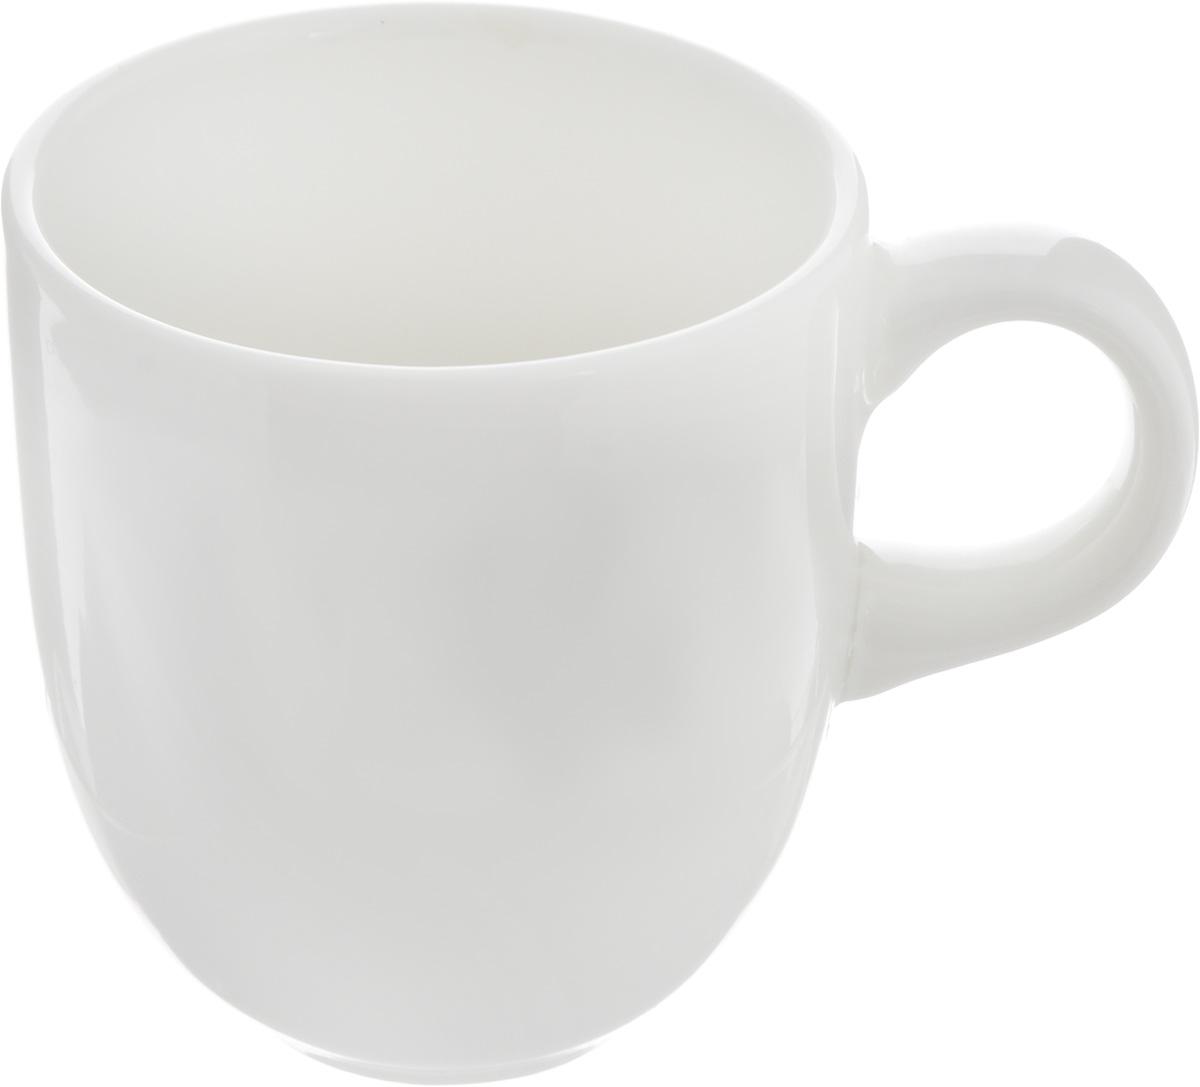 """Кофейная чашка Ariane """"Коуп"""" изготовлена из высококачественного фарфора с глазурованным  покрытием. Приятный глазу дизайн и отменное качество чашки будут долго радовать вас.  Чашка Ariane """"Коуп"""" украсит сервировку вашего стола и подчеркнет прекрасный вкус хозяина.  Можно мыть в посудомоечной машине и использовать в микроволновой печи.Диаметр  чашки (по верхнему краю): 5,5 см.Высота соусника: 6,5 см."""